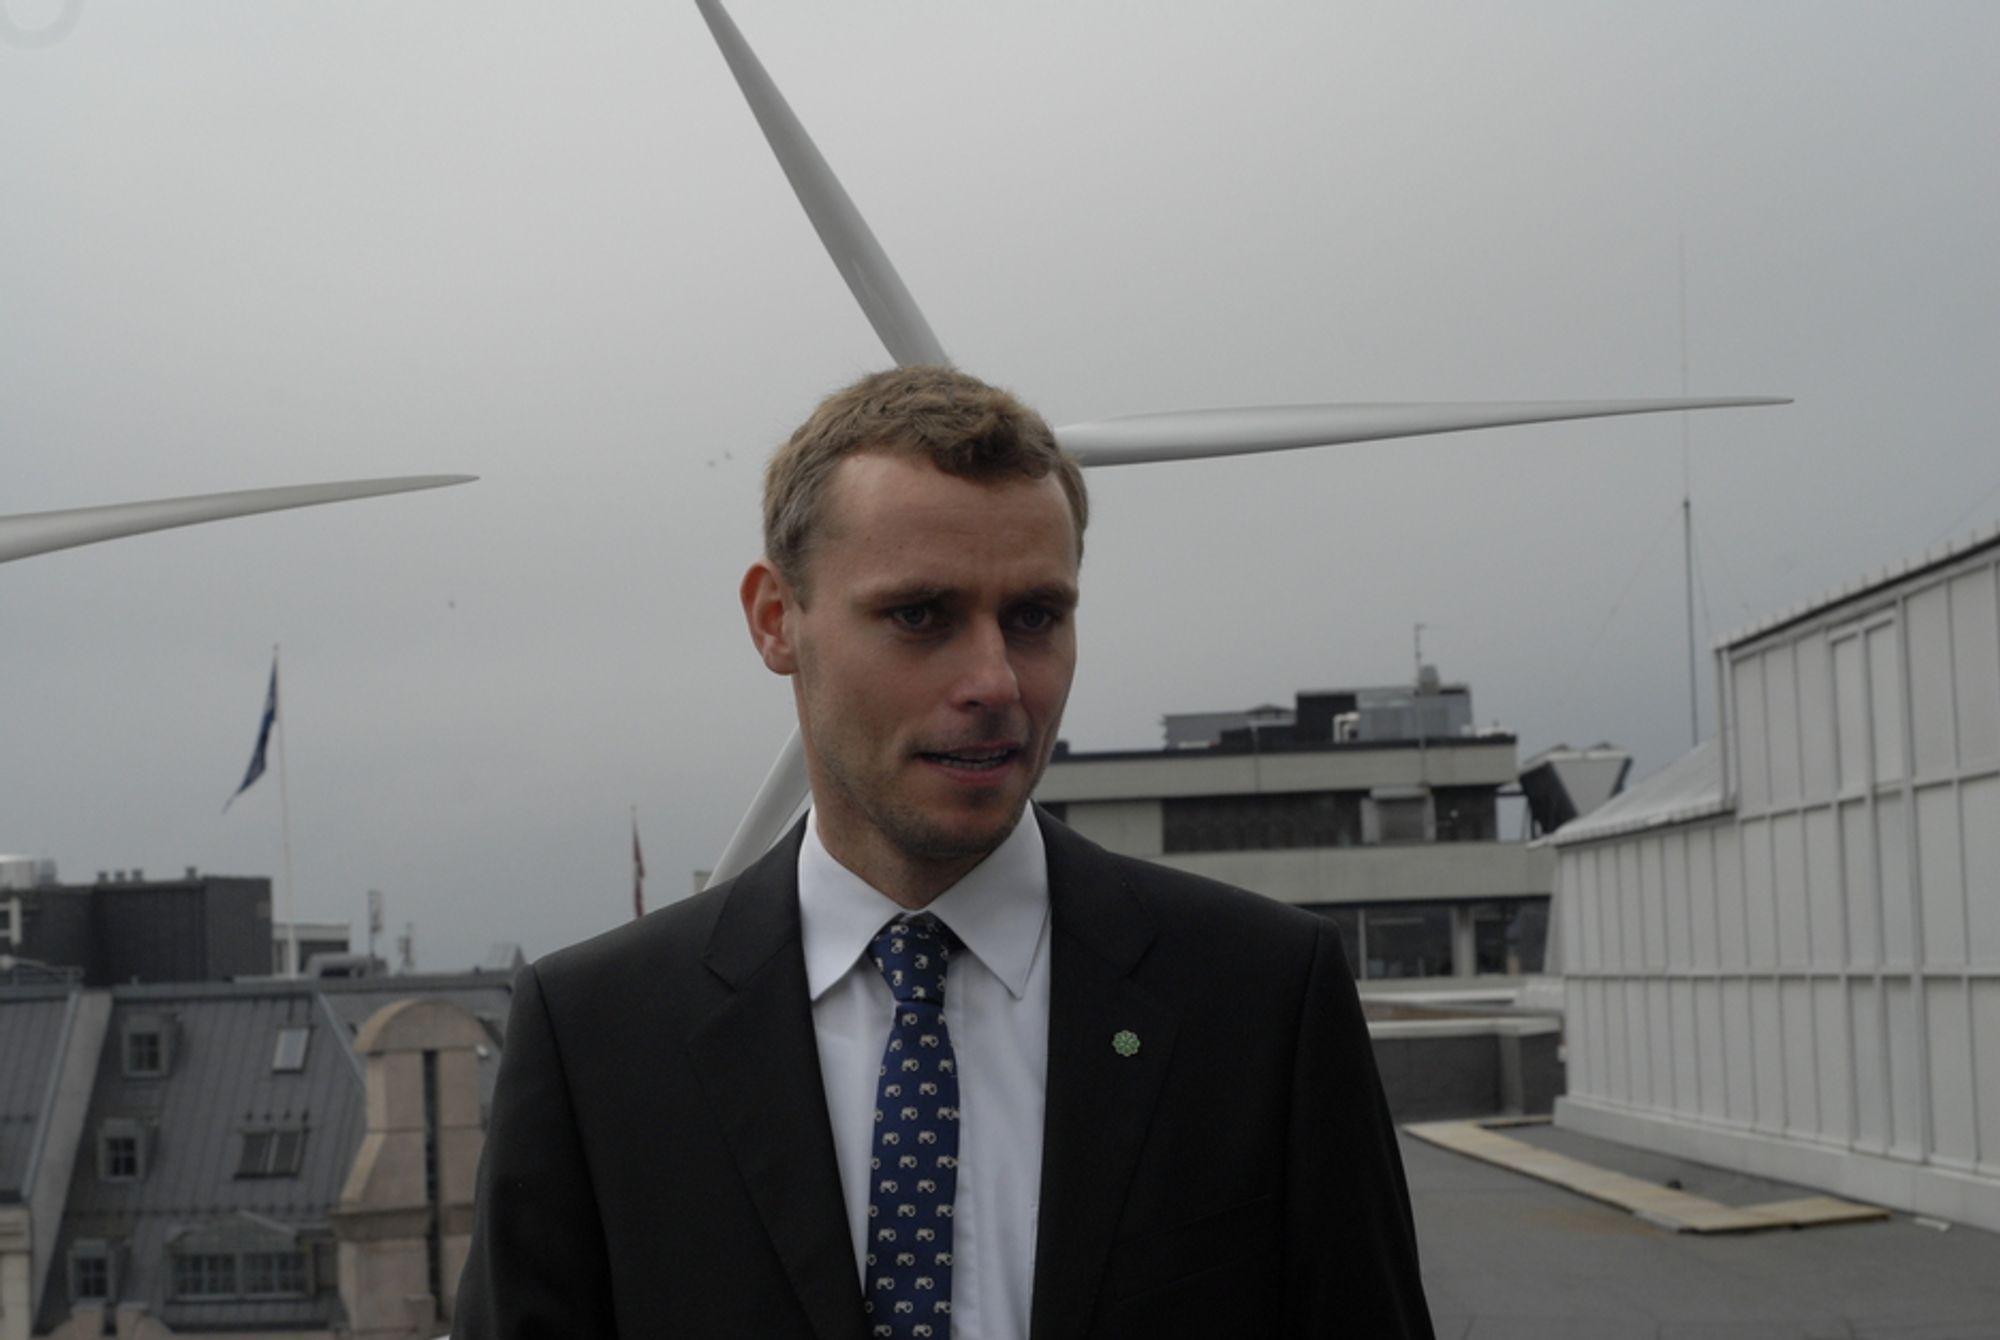 TROR PÅ OLJEN: - Norsk olje og gassnæring skal nordover også på land, sier Ola Borten Moe.